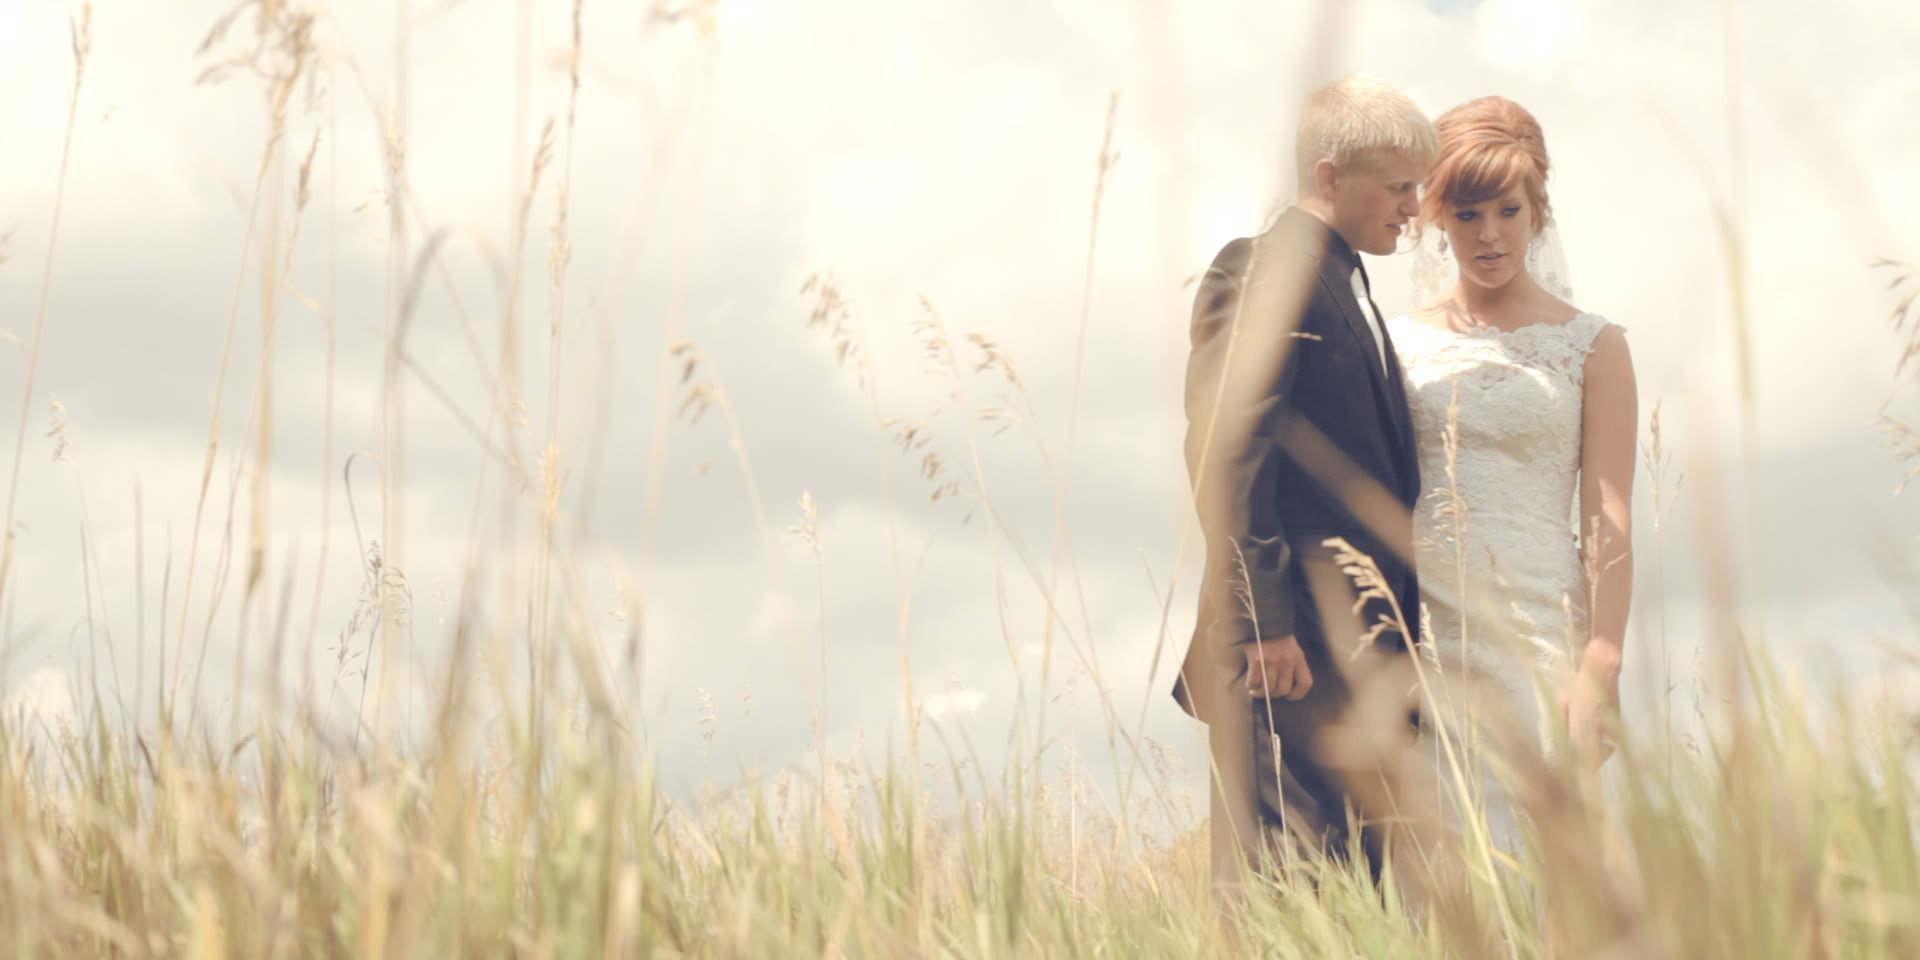 travis&katie wedding story.00_04_07_12.Still008.jpg